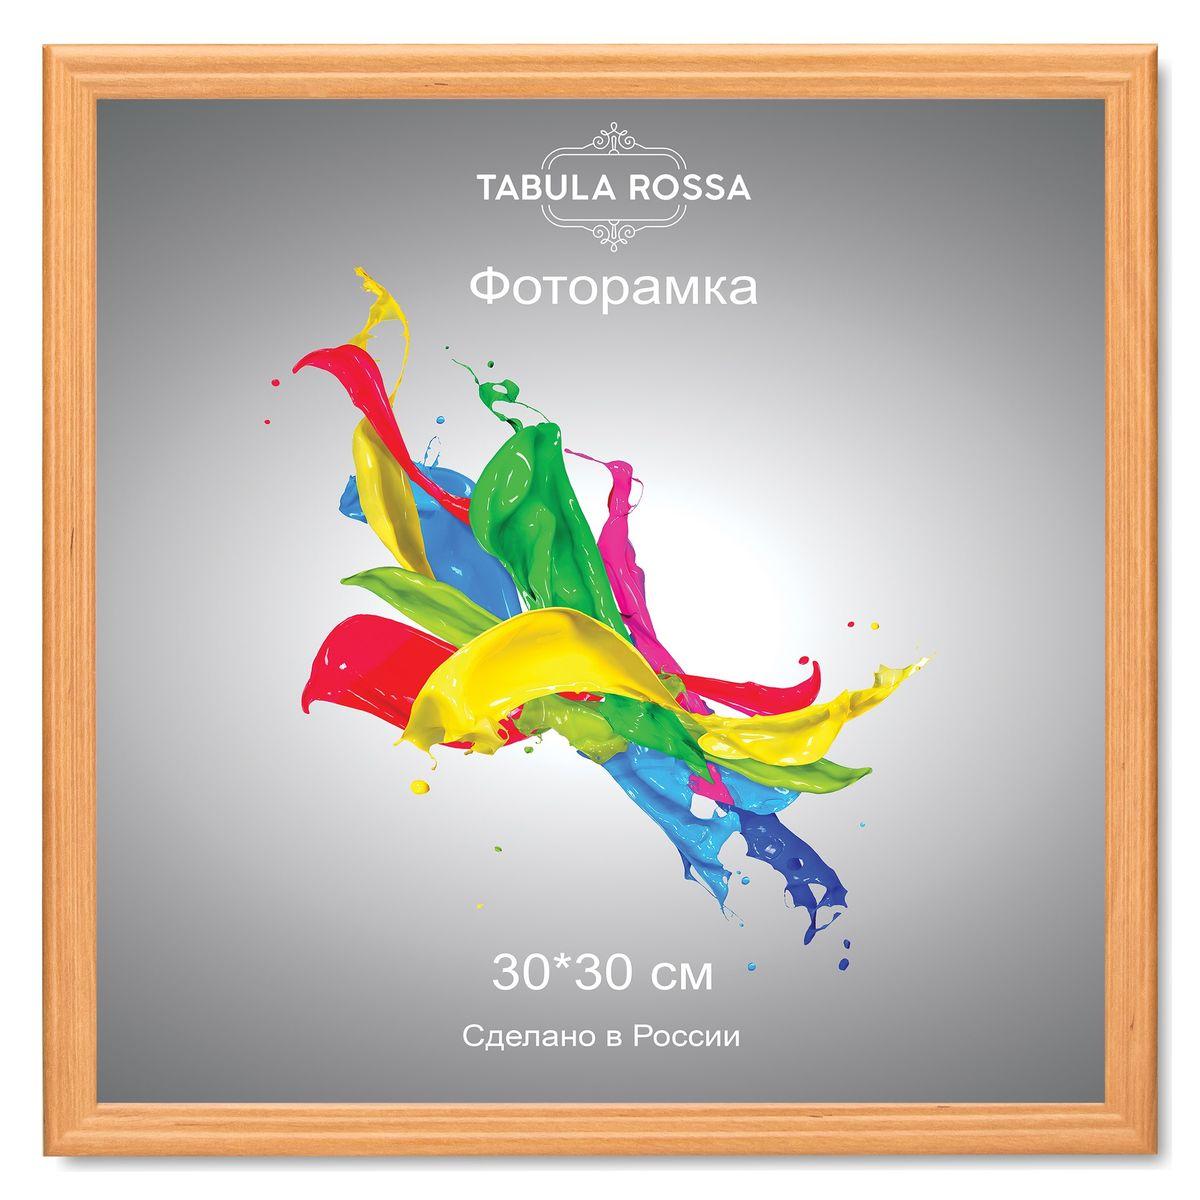 Фоторамка Tabula Rossa, цвет: ольха, 30 х 30 см. ТР 5140ТР 5140Фоторамка Tabula Rossa выполнена в классическом стиле из высококачественного МДФ и стекла, защищающего фотографию. Оборотная сторона рамки оснащена специальной ножкой, благодаря которой ее можно поставить на стол или любое другое место в доме или офисе. Также изделие дополнено двумя специальными креплениями для подвешивания на стену.Такая фоторамка не теряет своих свойств со временем, не деформируется и не выцветает. Она поможет вам оригинально и стильно дополнить интерьер помещения, а также позволит сохранить память о дорогих вам людях и интересных событиях вашей жизни.